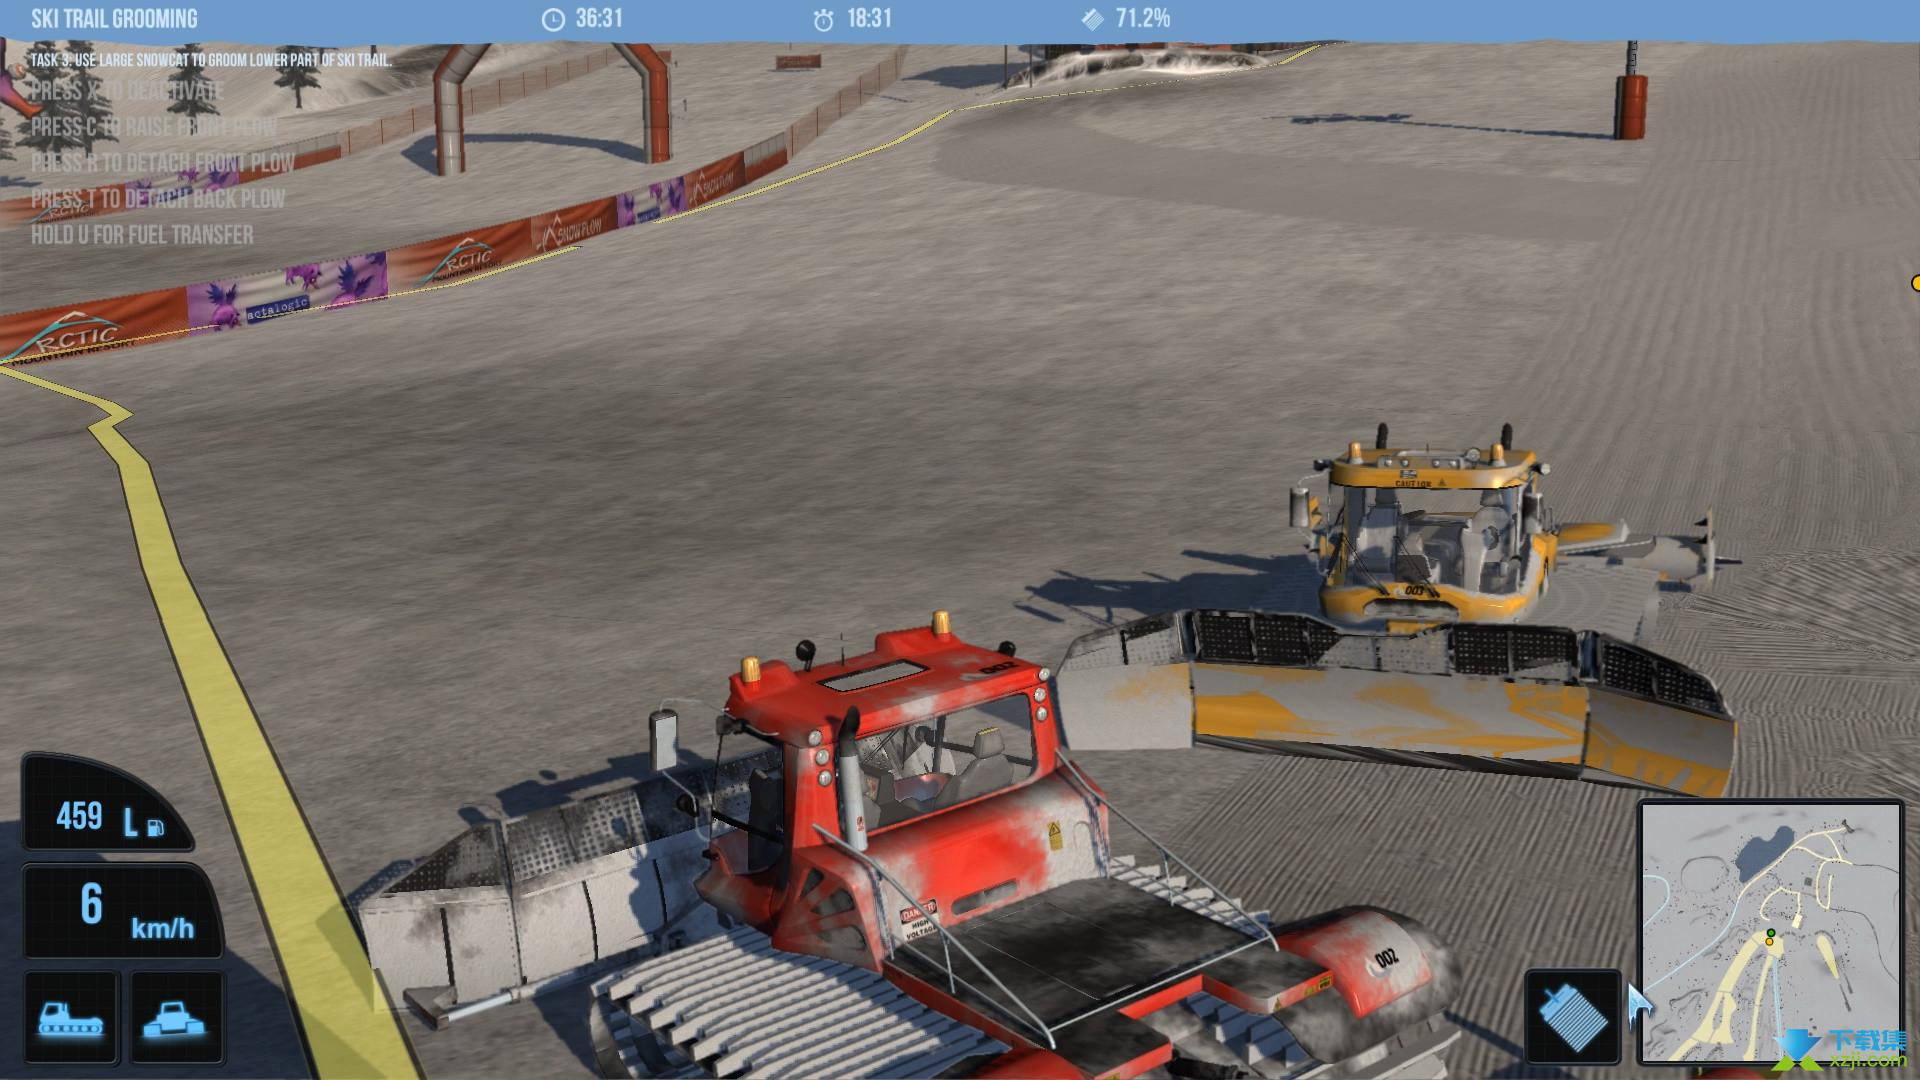 雪地履带车模拟2011界面2